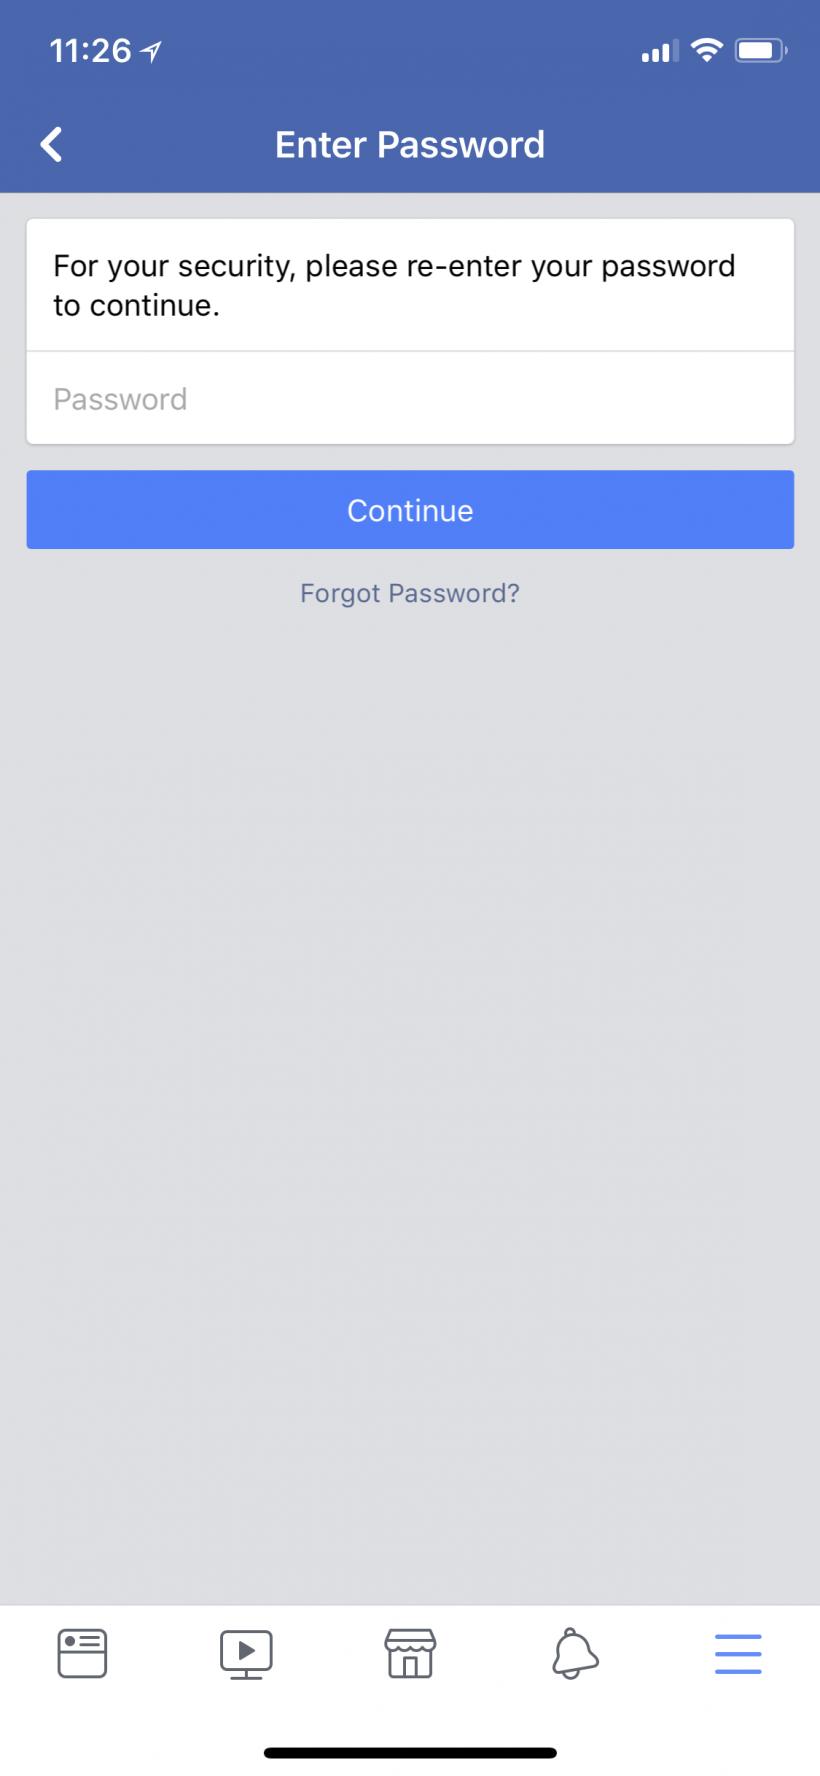 Como se activa la autenticación de dos factores 2FA en Facebook en el iPhone y el iPad.